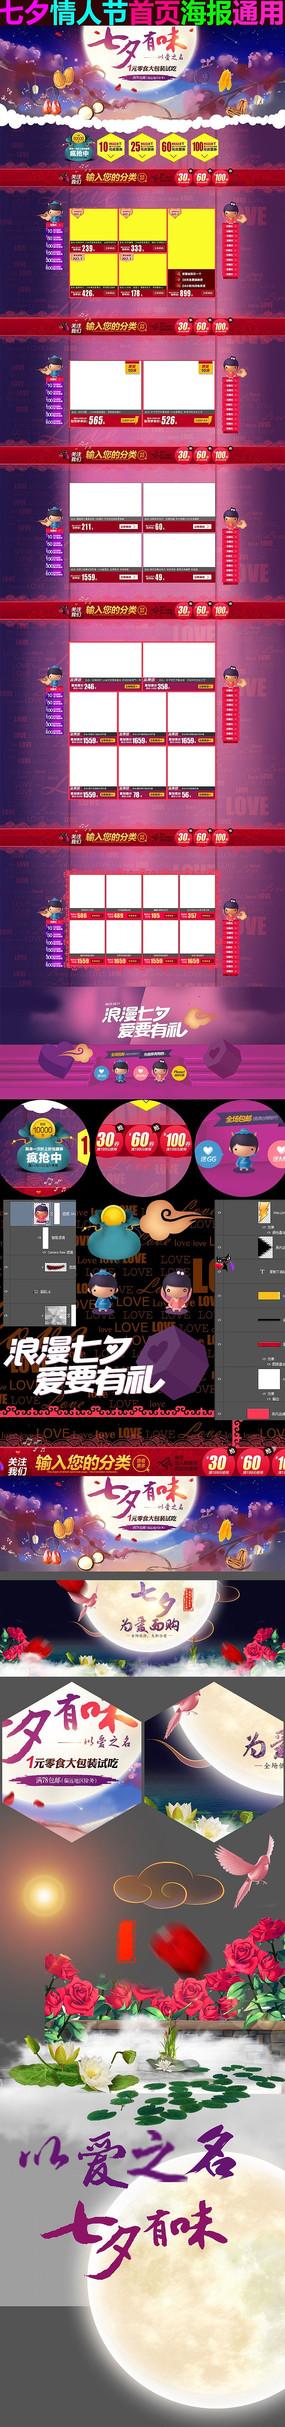 天猫七夕情人节通用首页设计